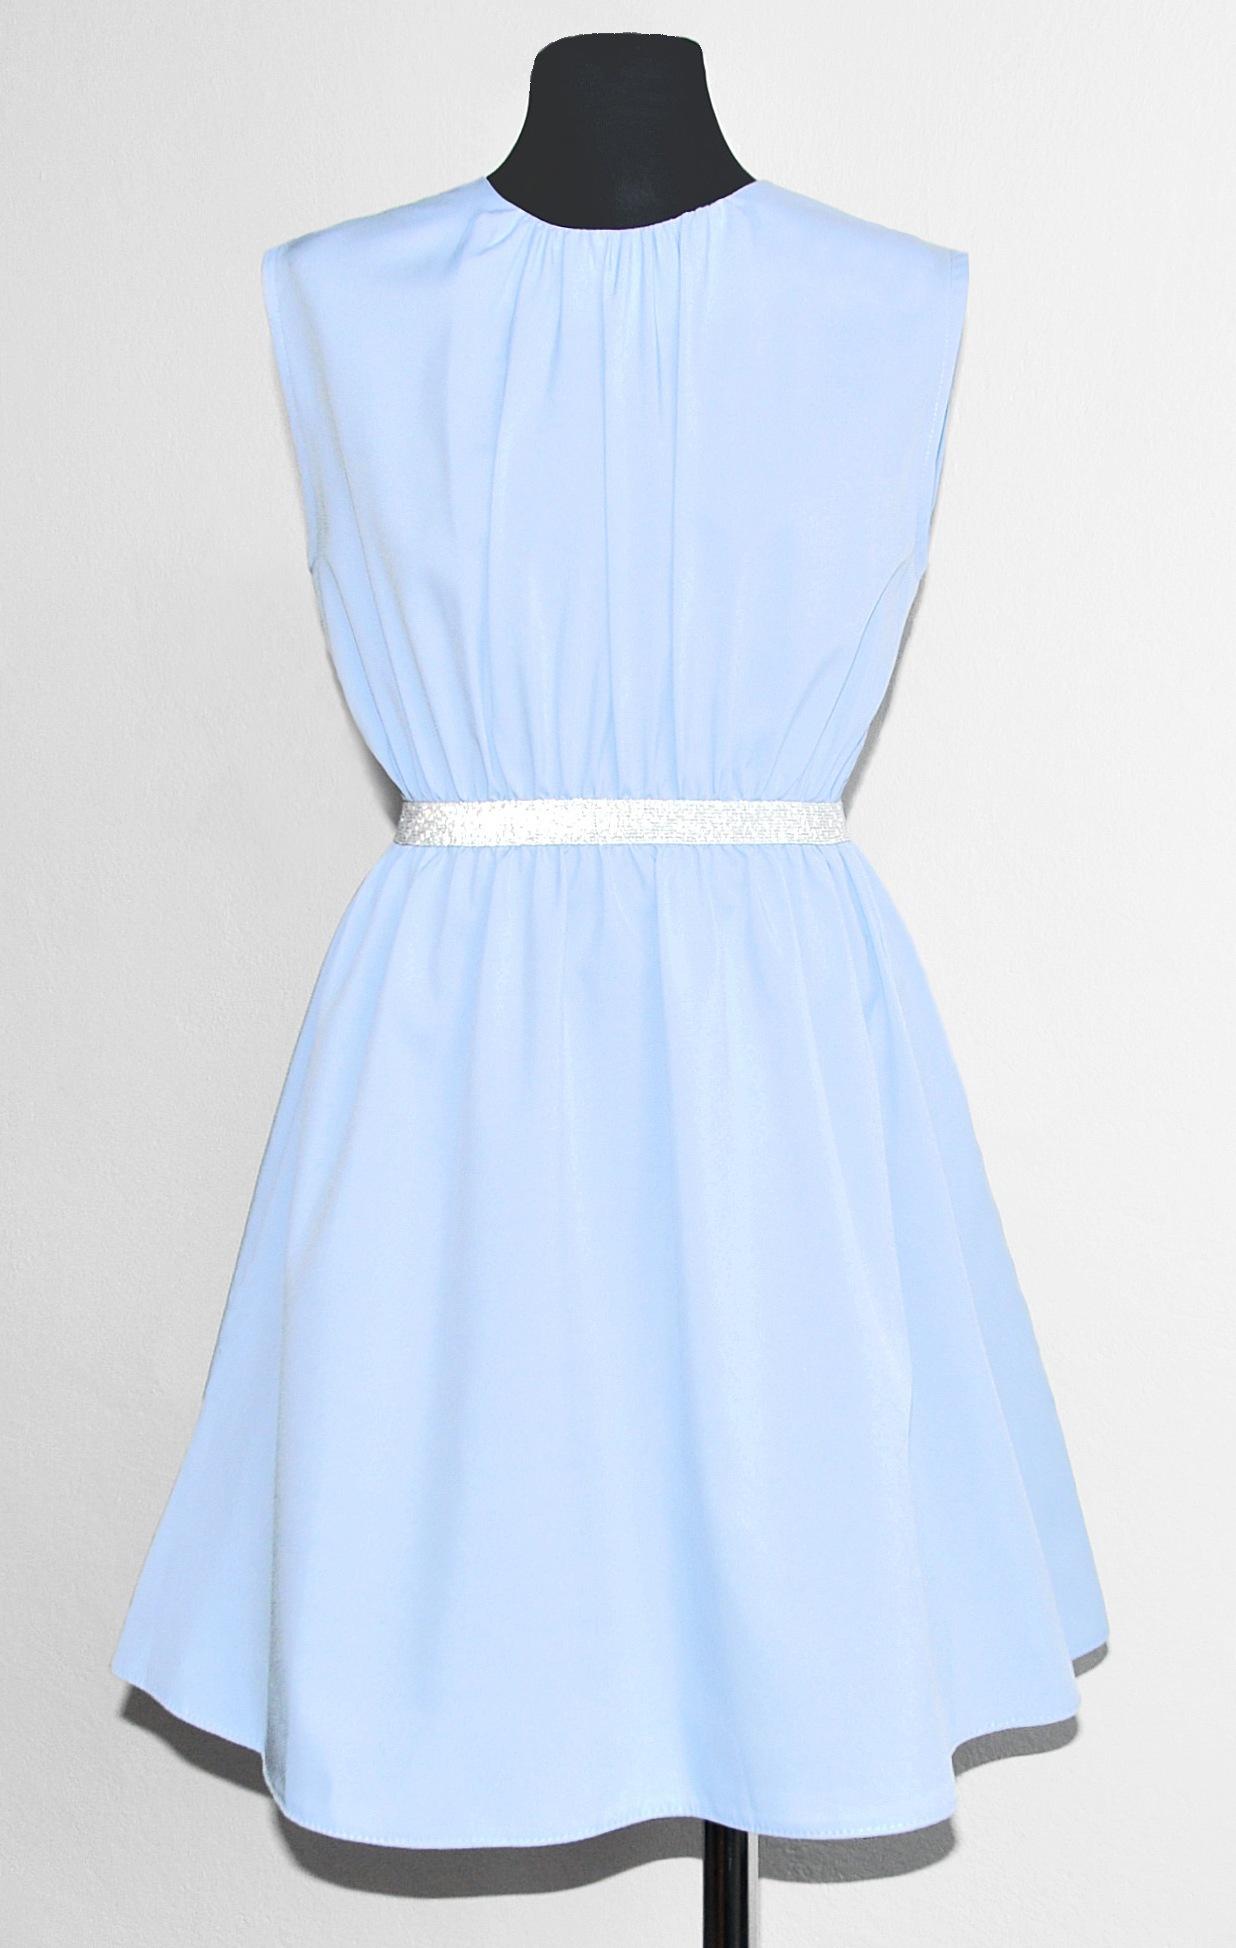 sukienka niebieska dla dziewczynki